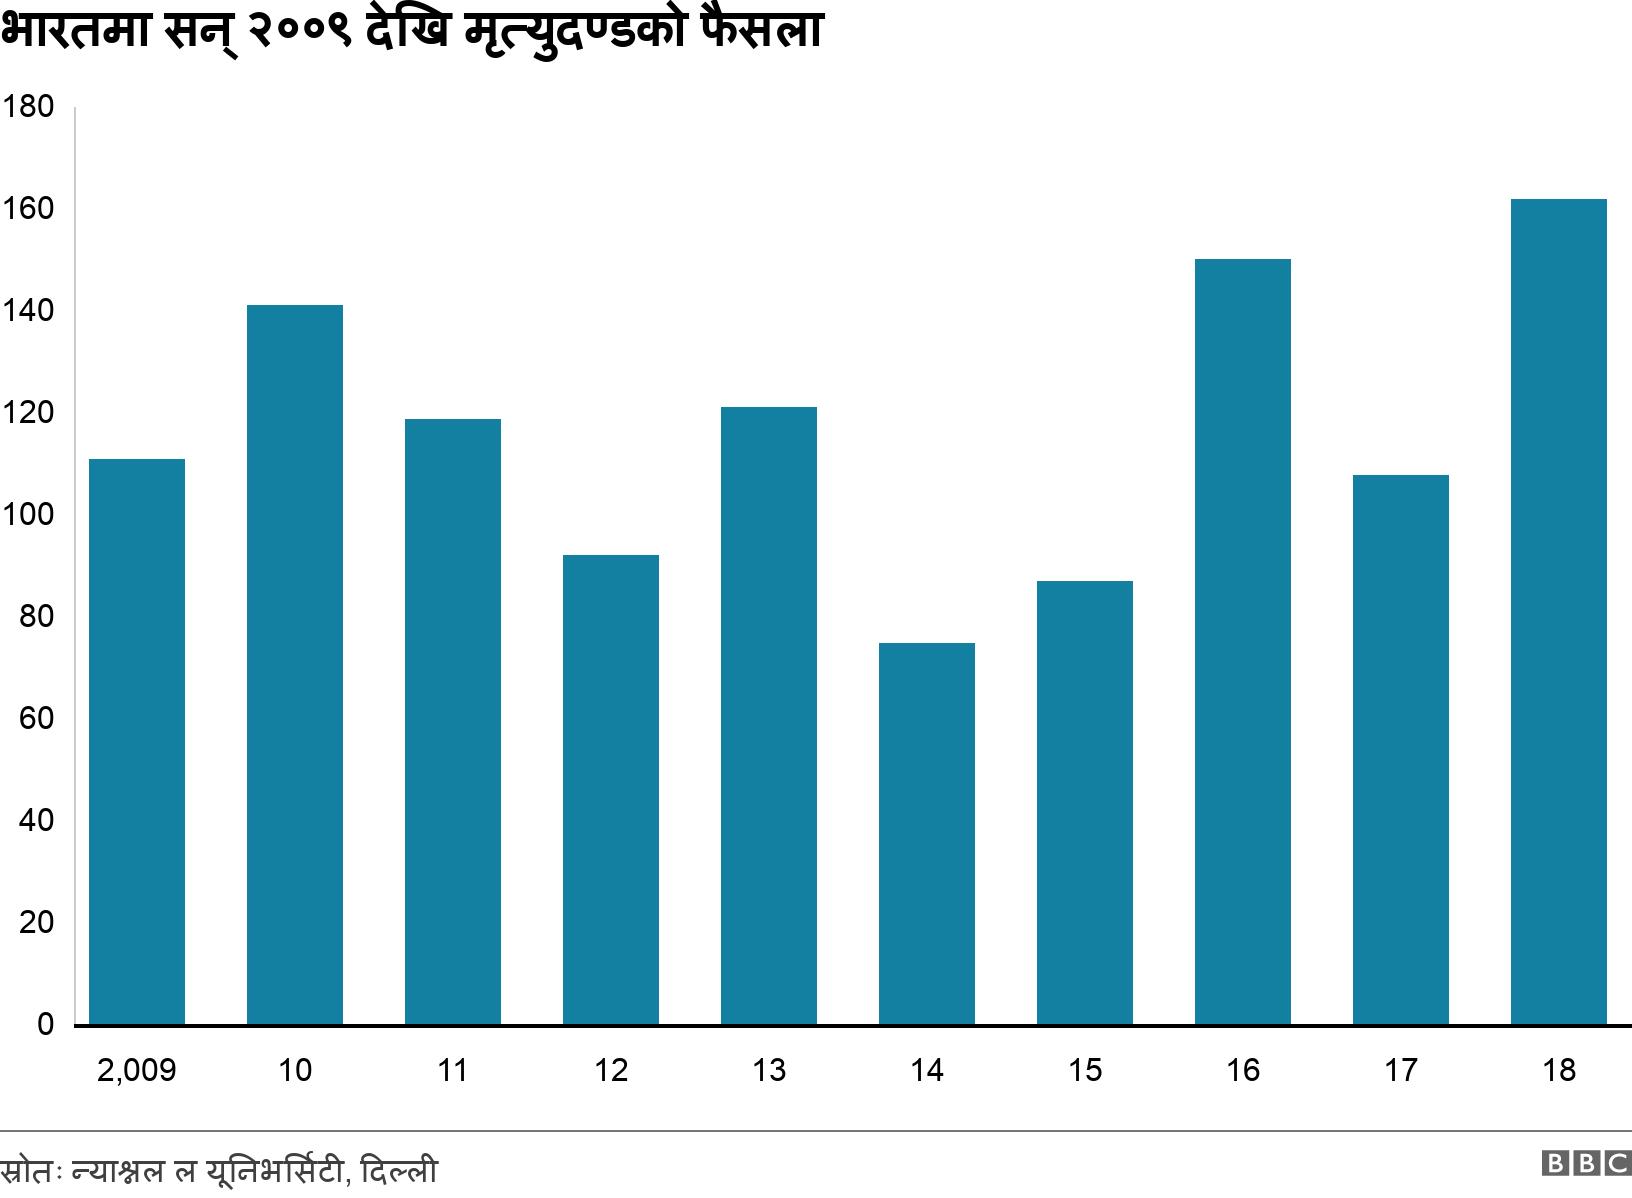 भारतमा सन् २००९ देखि मृत्युदण्डको फैसला. .  .